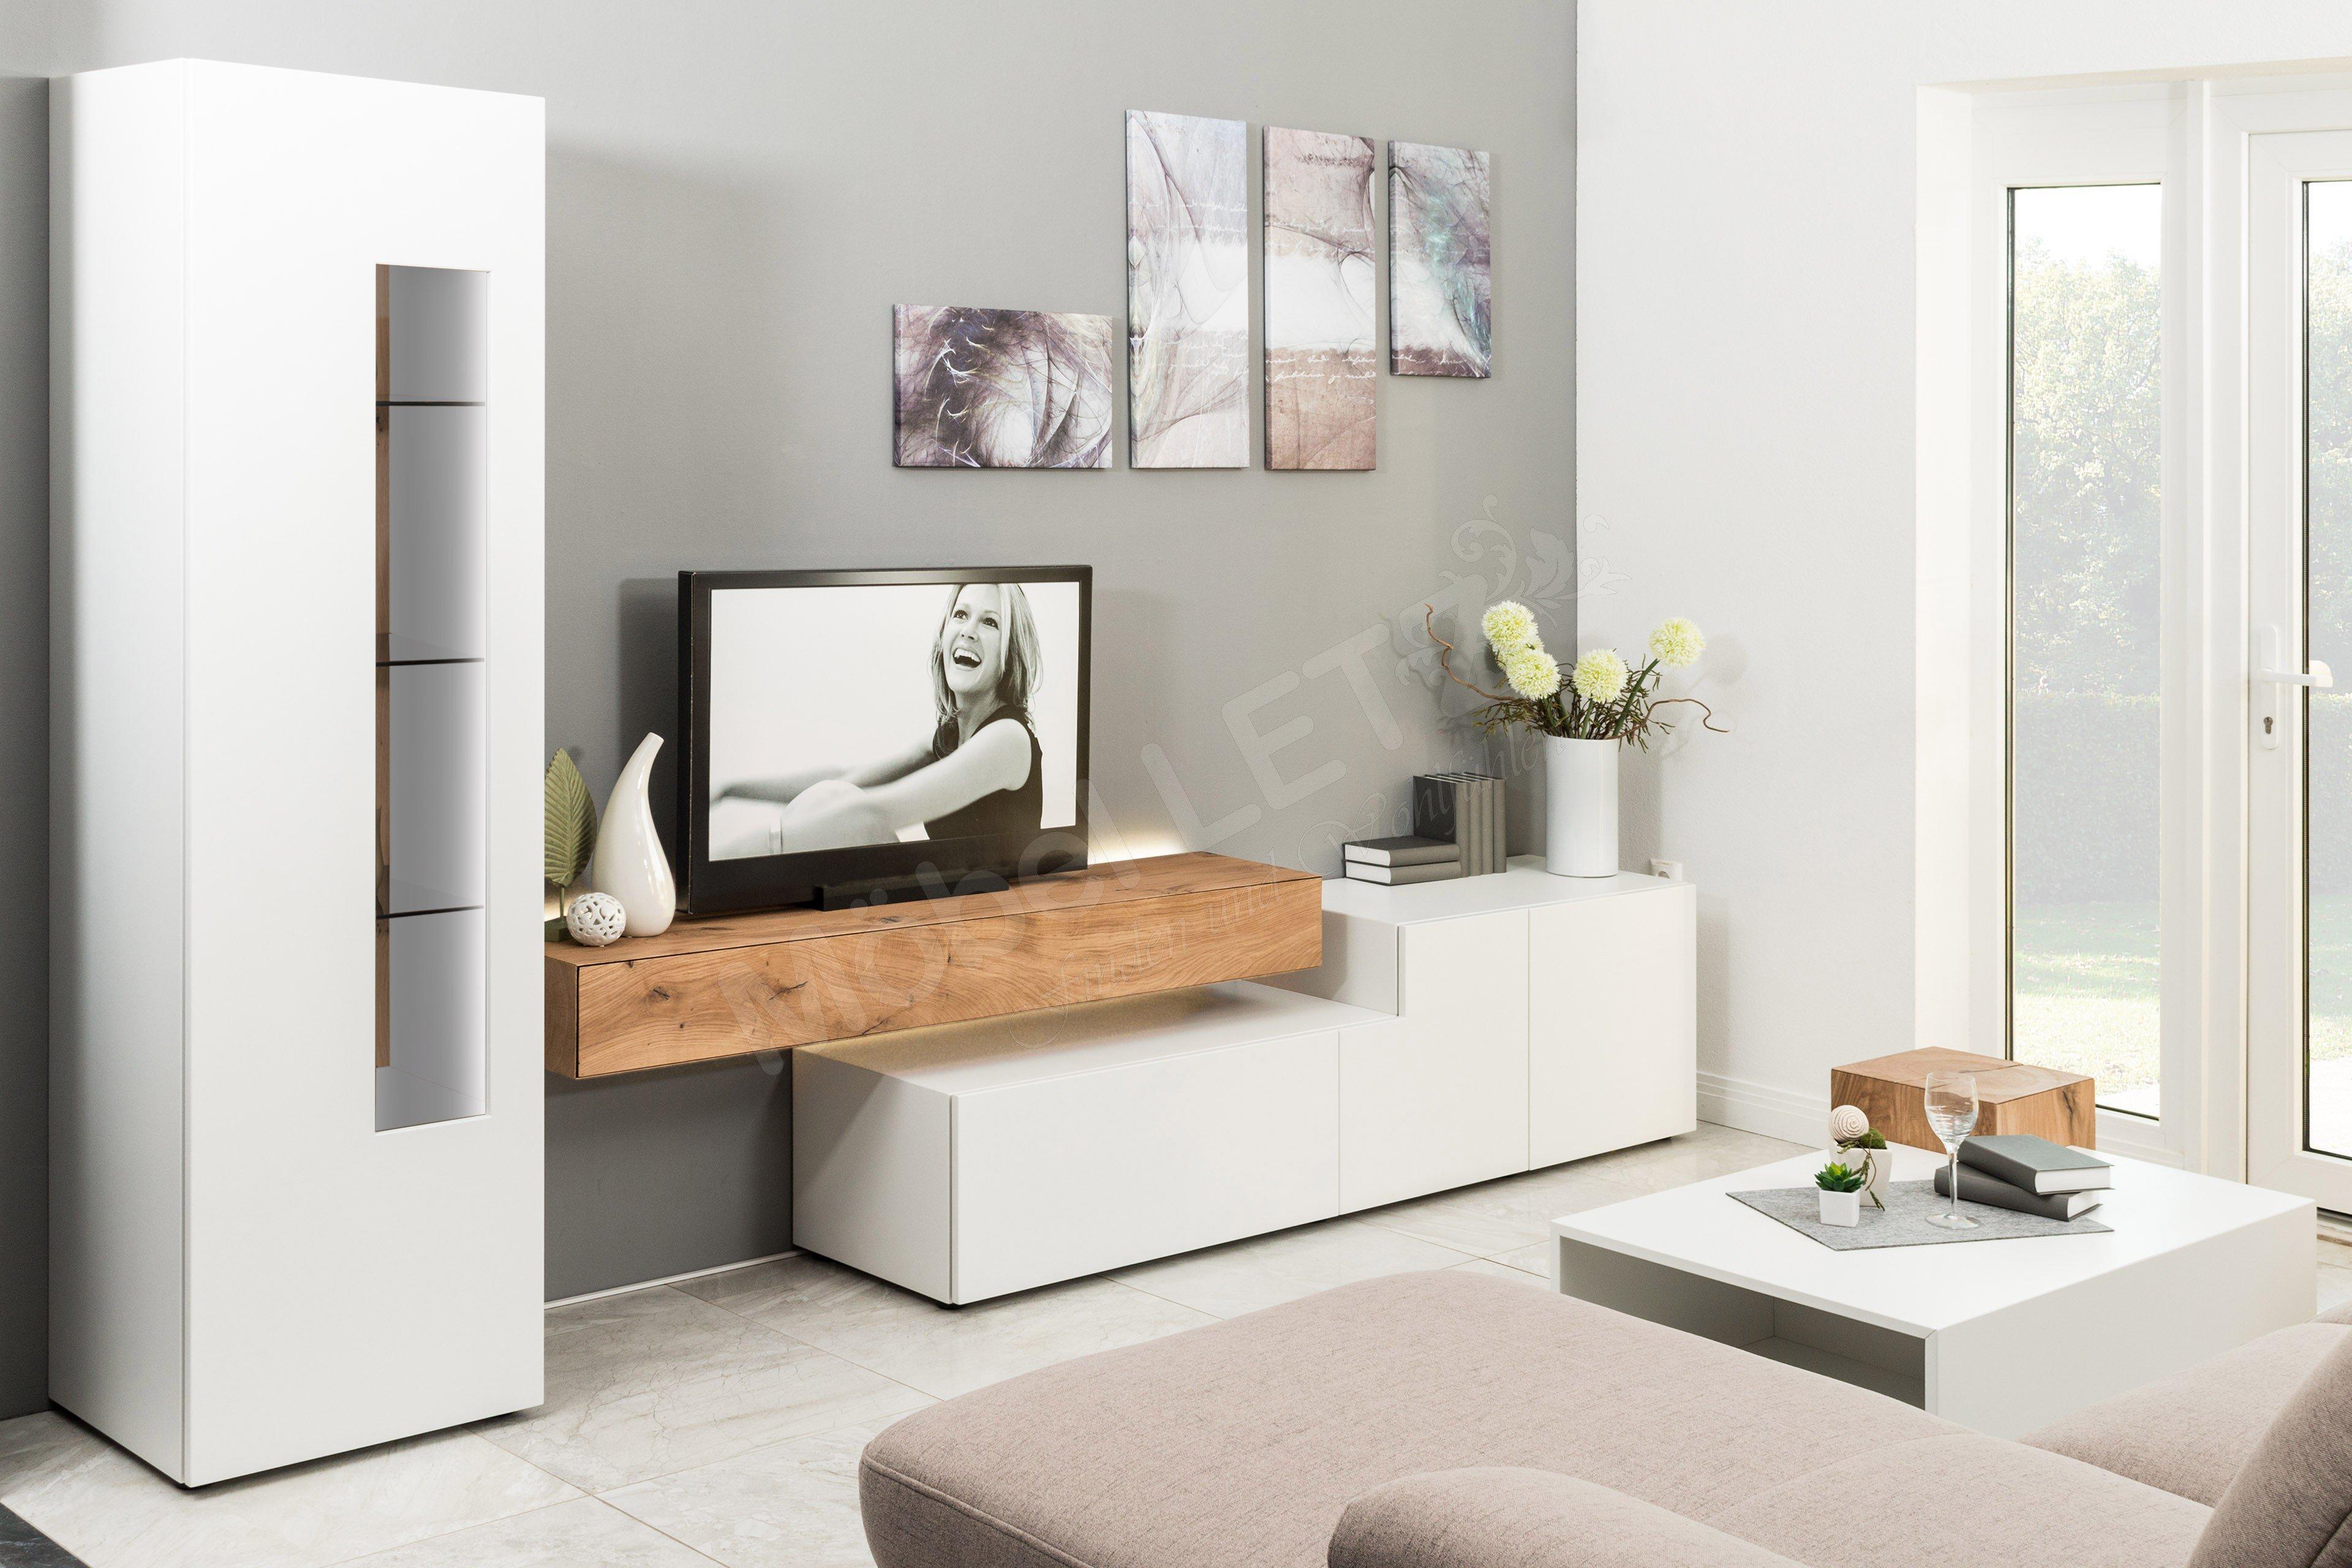 w stmann designm bel wohnwand nw 440 mit beleuchtung m bel letz ihr online shop. Black Bedroom Furniture Sets. Home Design Ideas